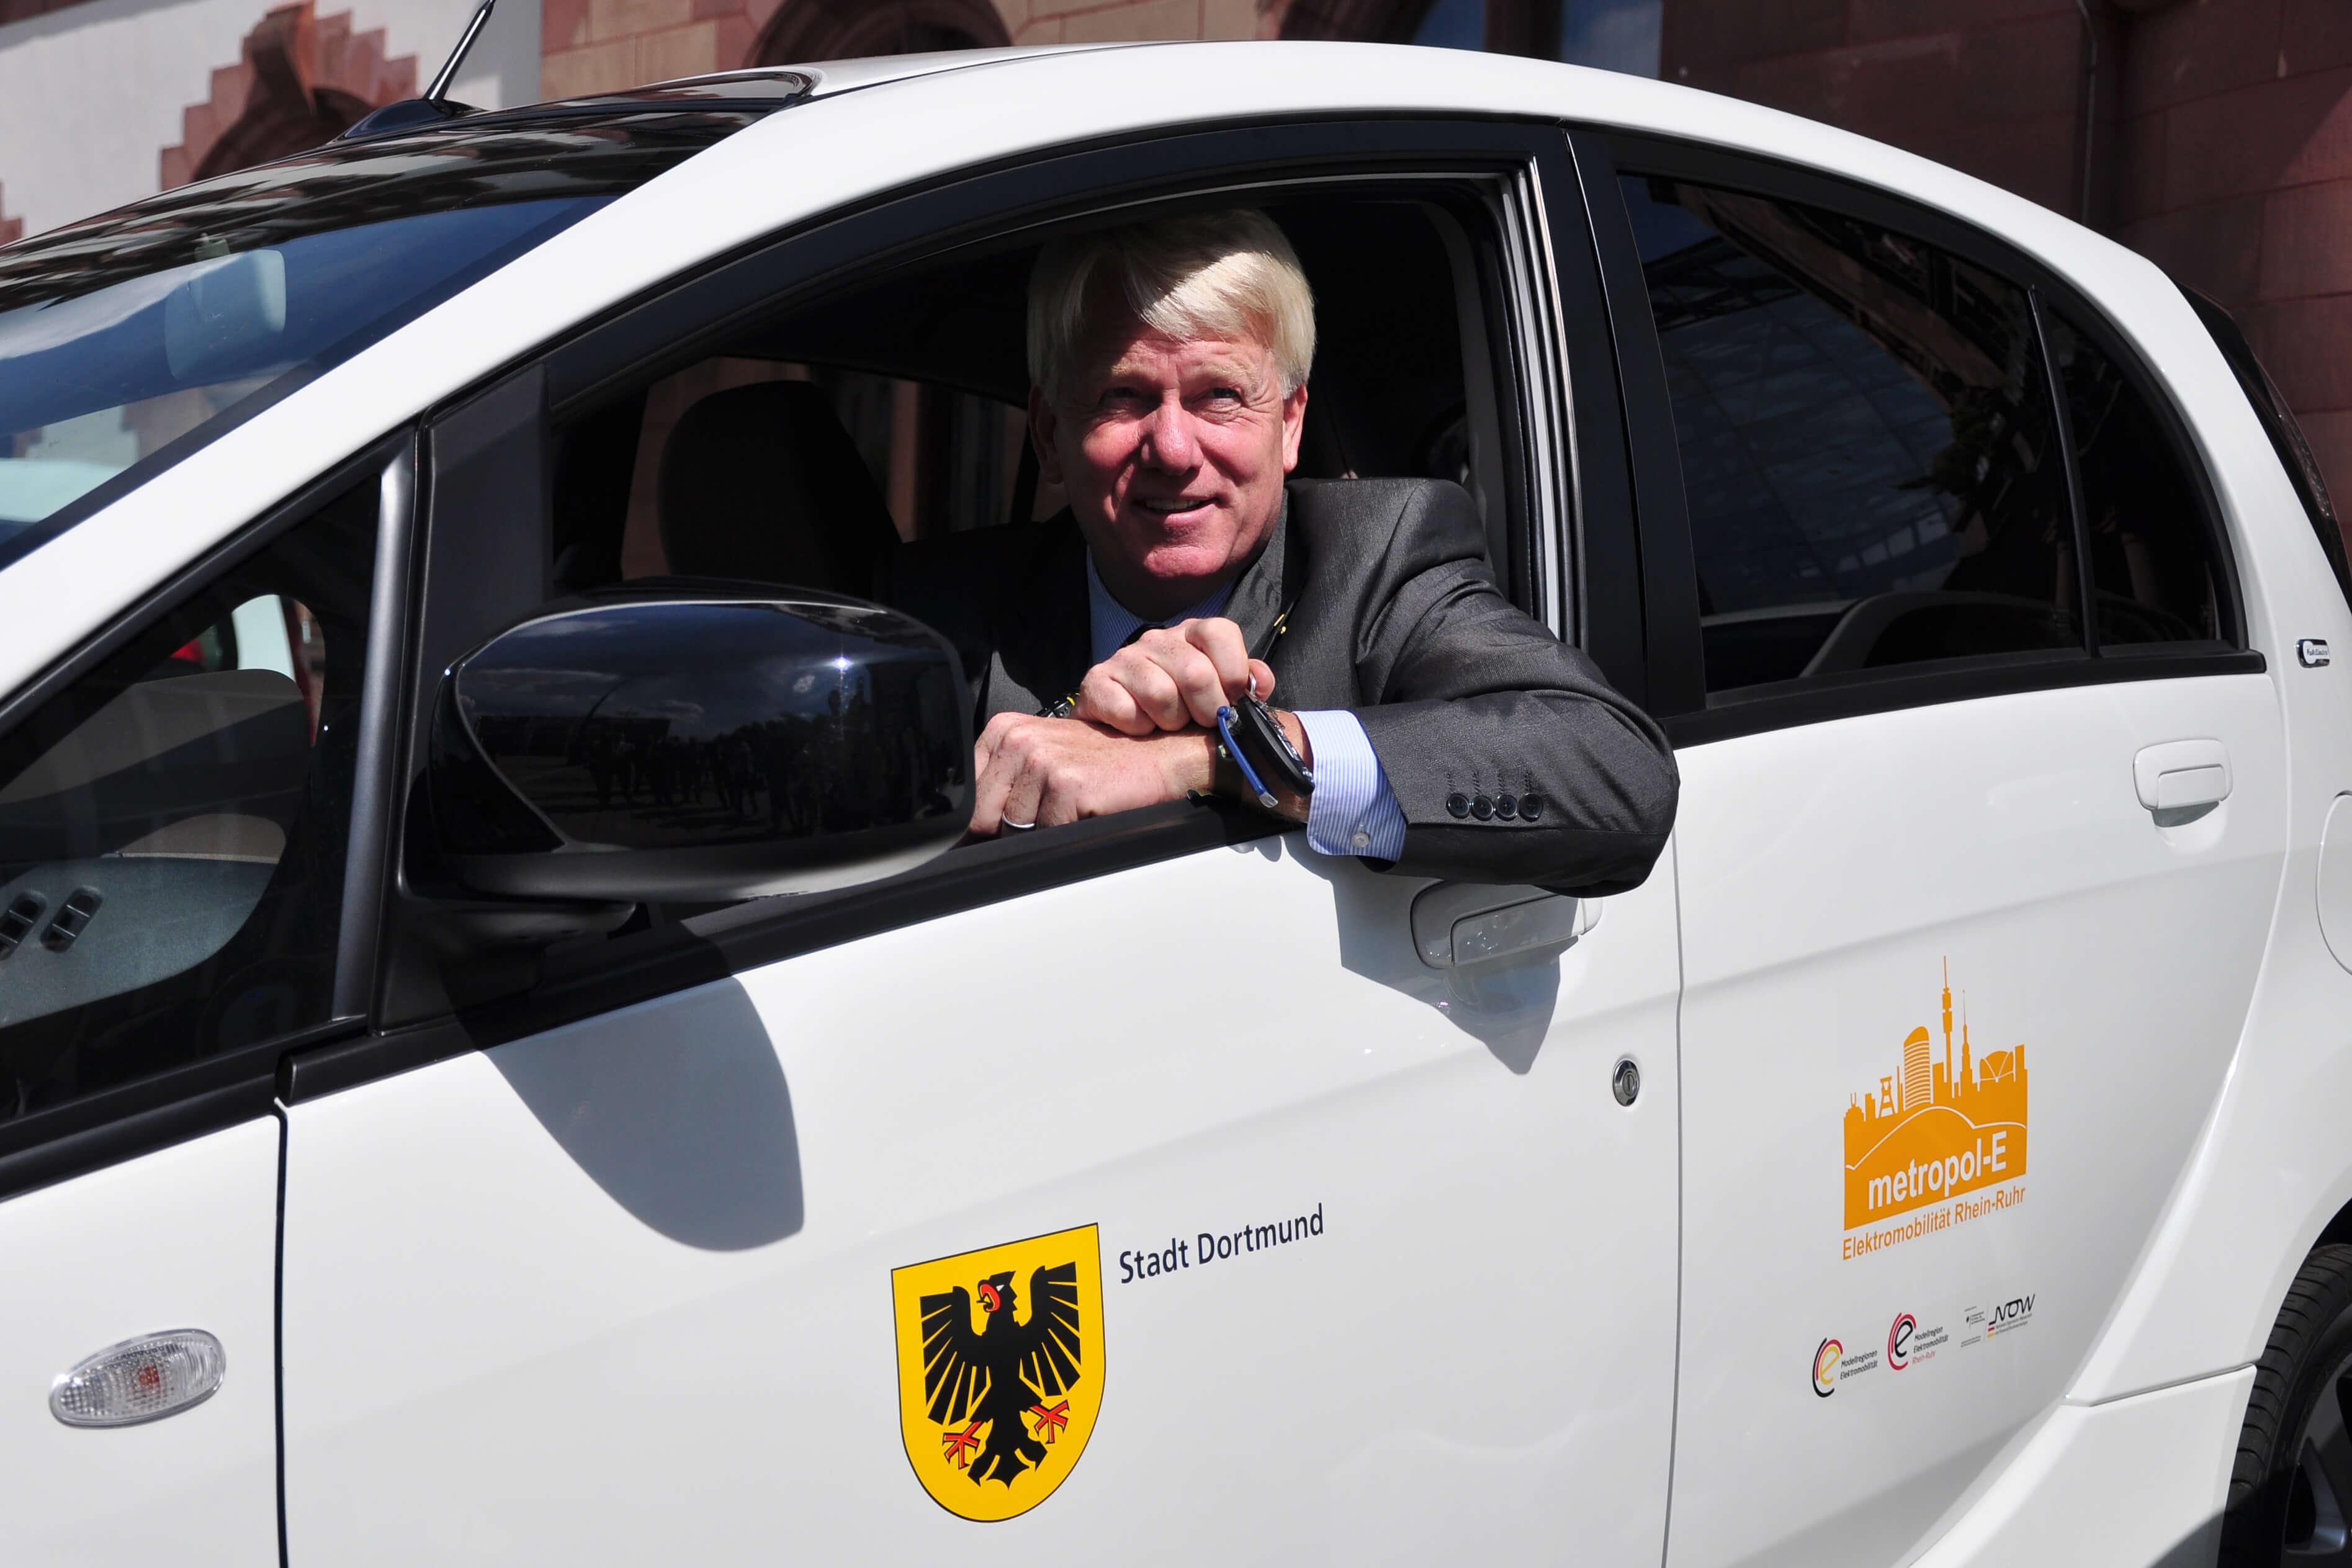 Oberbürgermeister und UmsteiGERN-Botschafter Ullrich Sierau ist beruflich mit dem E-Auto in Dortmund unterwegs